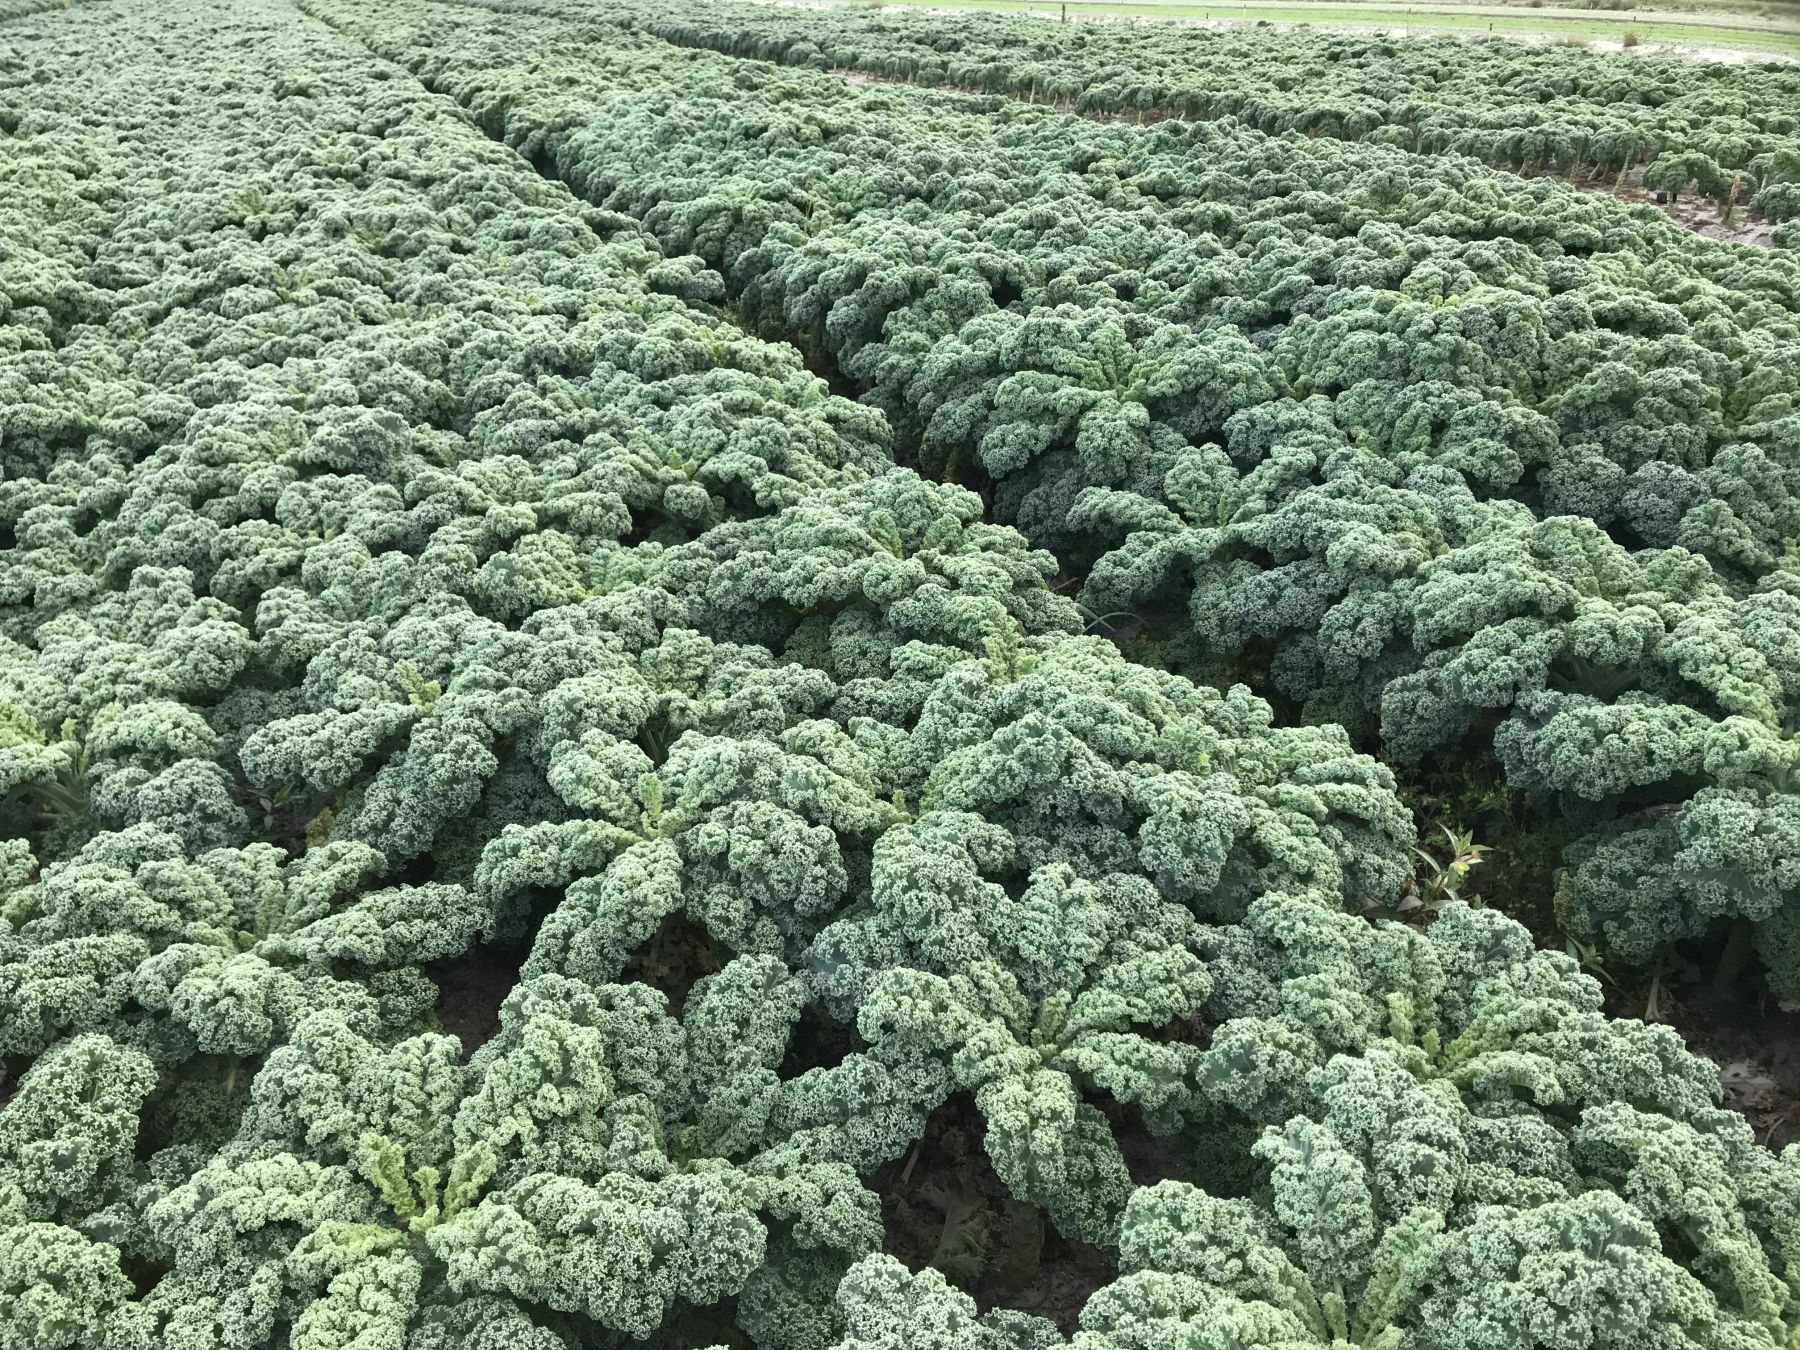 Kale in field